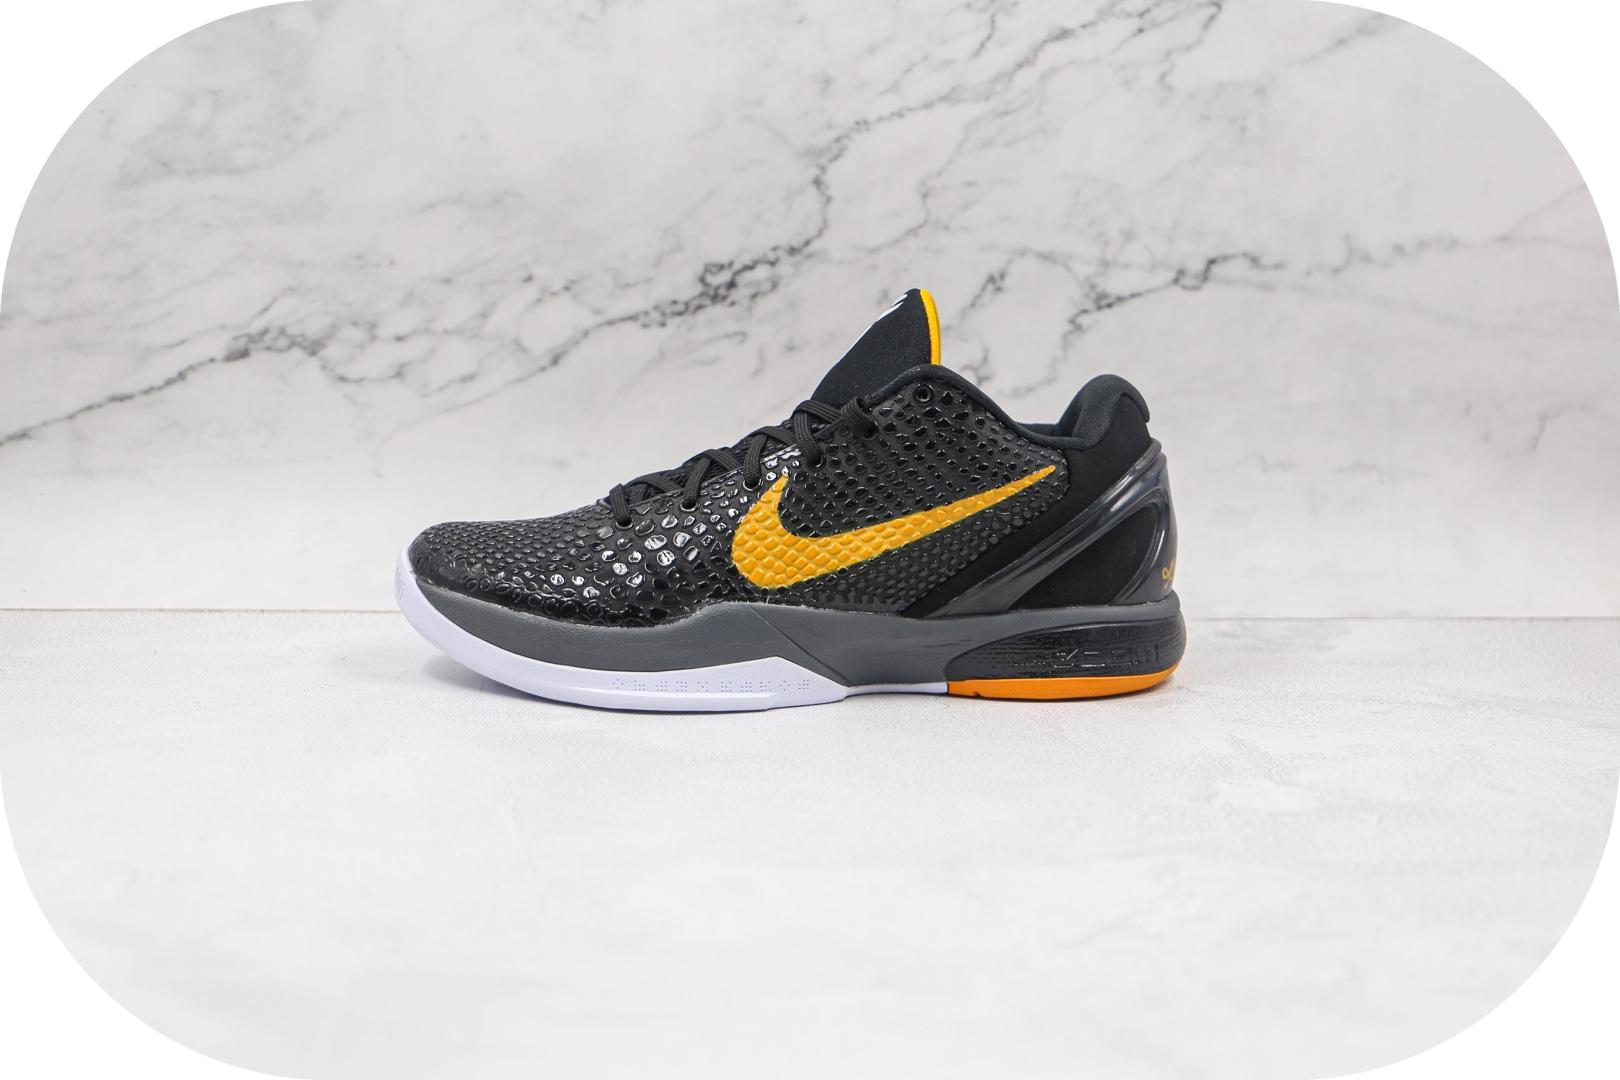 耐克Nike Zoom Kobe VI Protro Black Del Sol纯原版本科比6代黑曼巴篮球鞋内置碳板支持实战 货号:436311-002